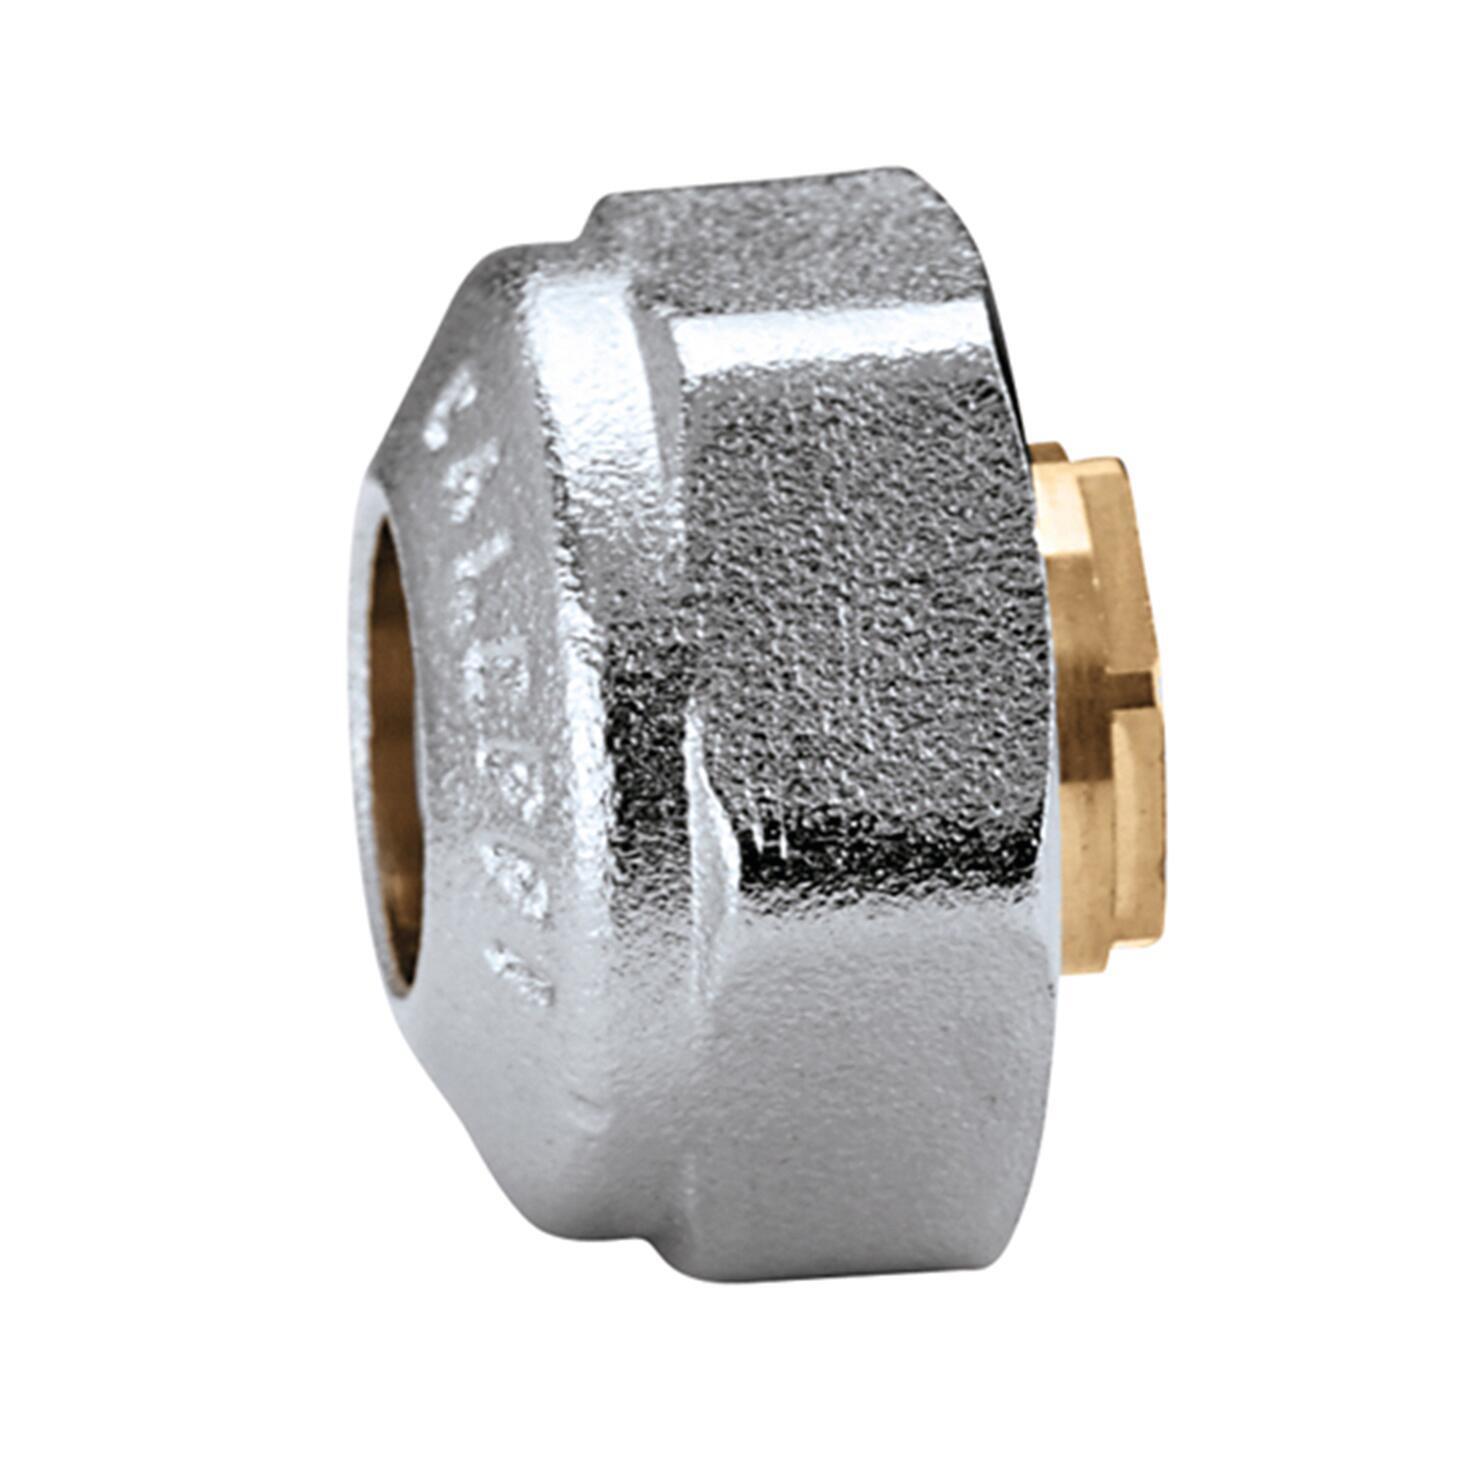 Adattatore per tubo in rame Caleffi Ø 10 mm